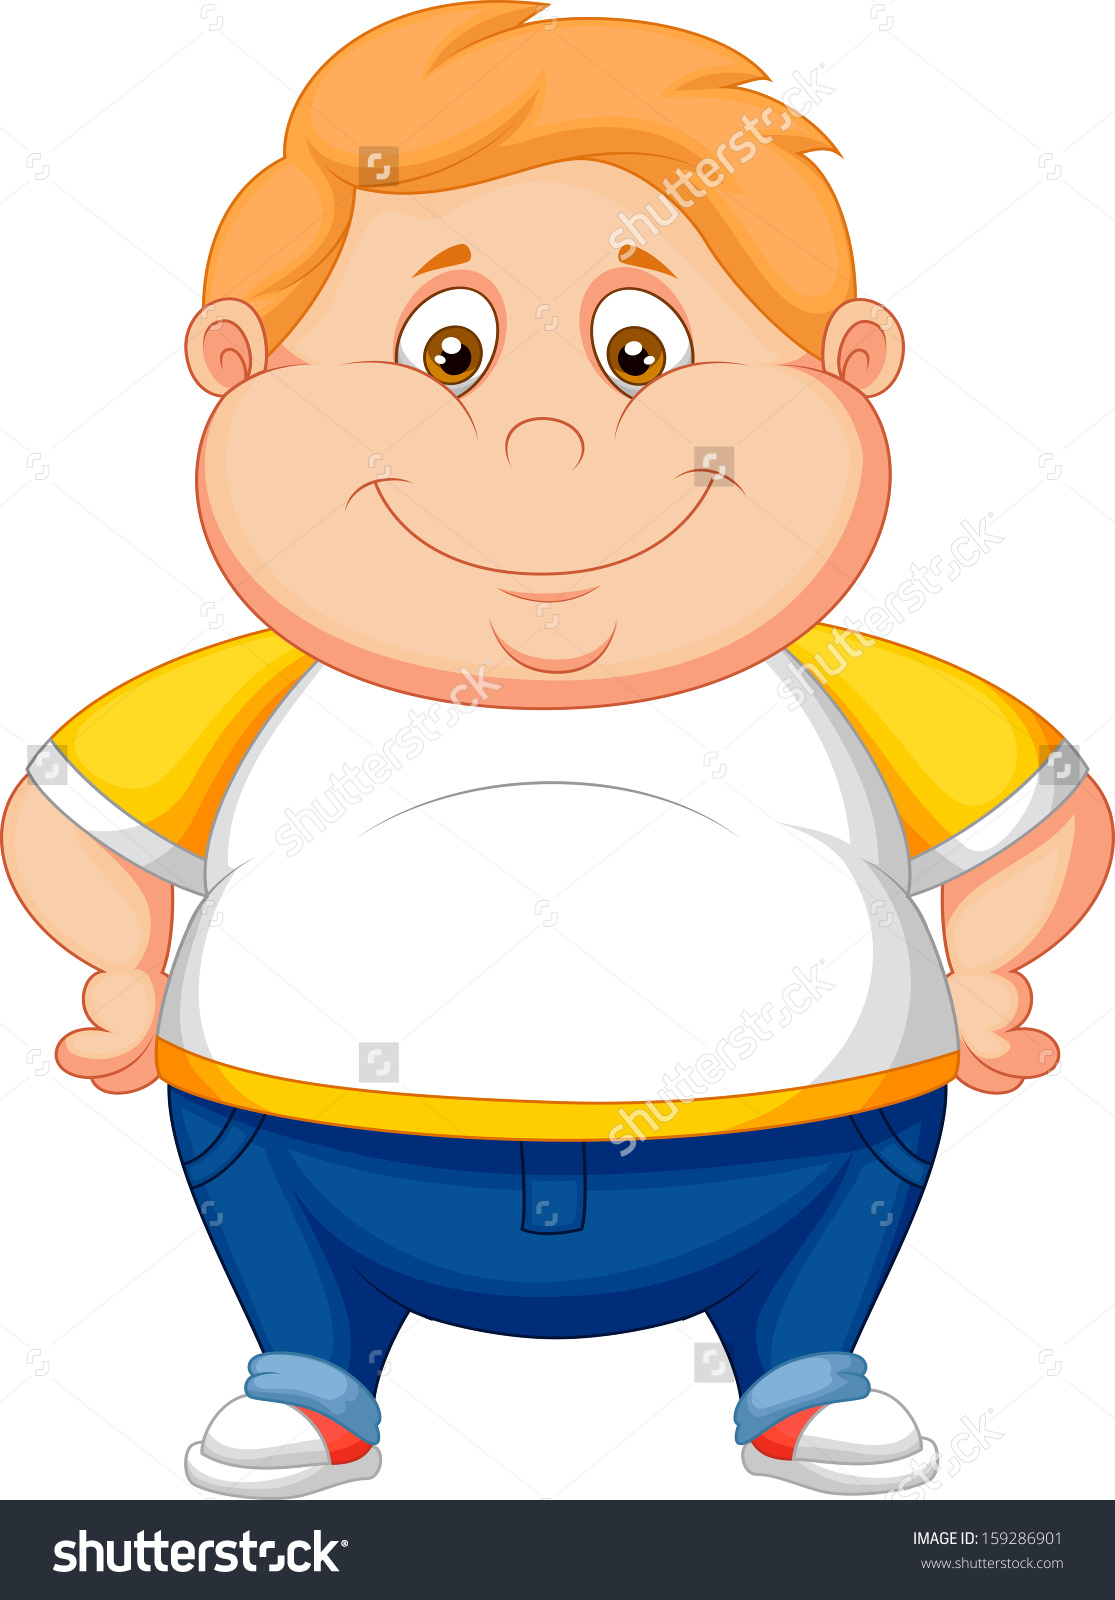 Chubby boy clipart.